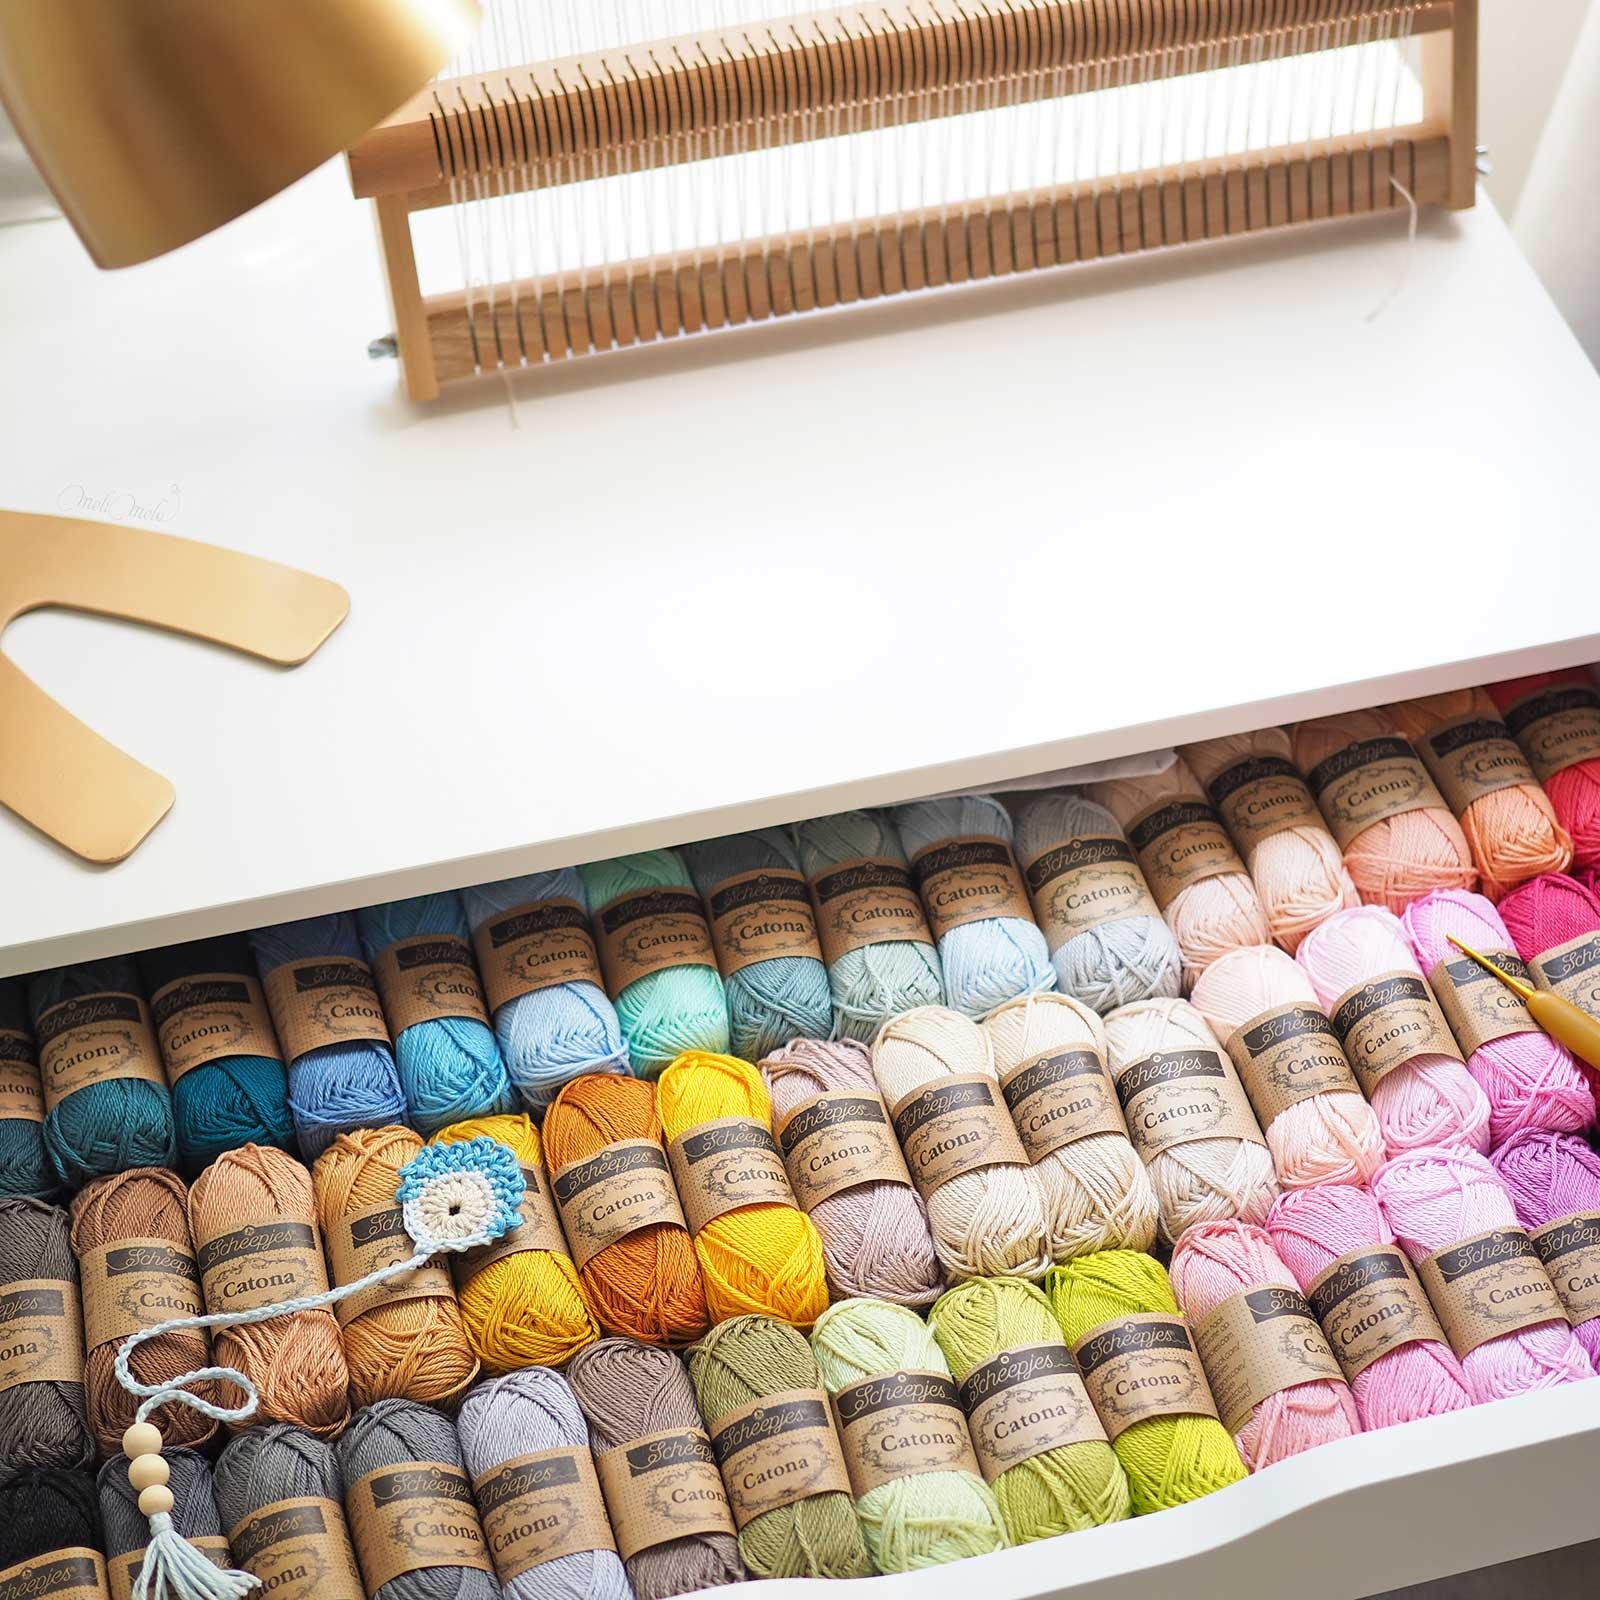 choix couleurs coton Catona Scheepjes créations au crochet laboutiquedemelimelo